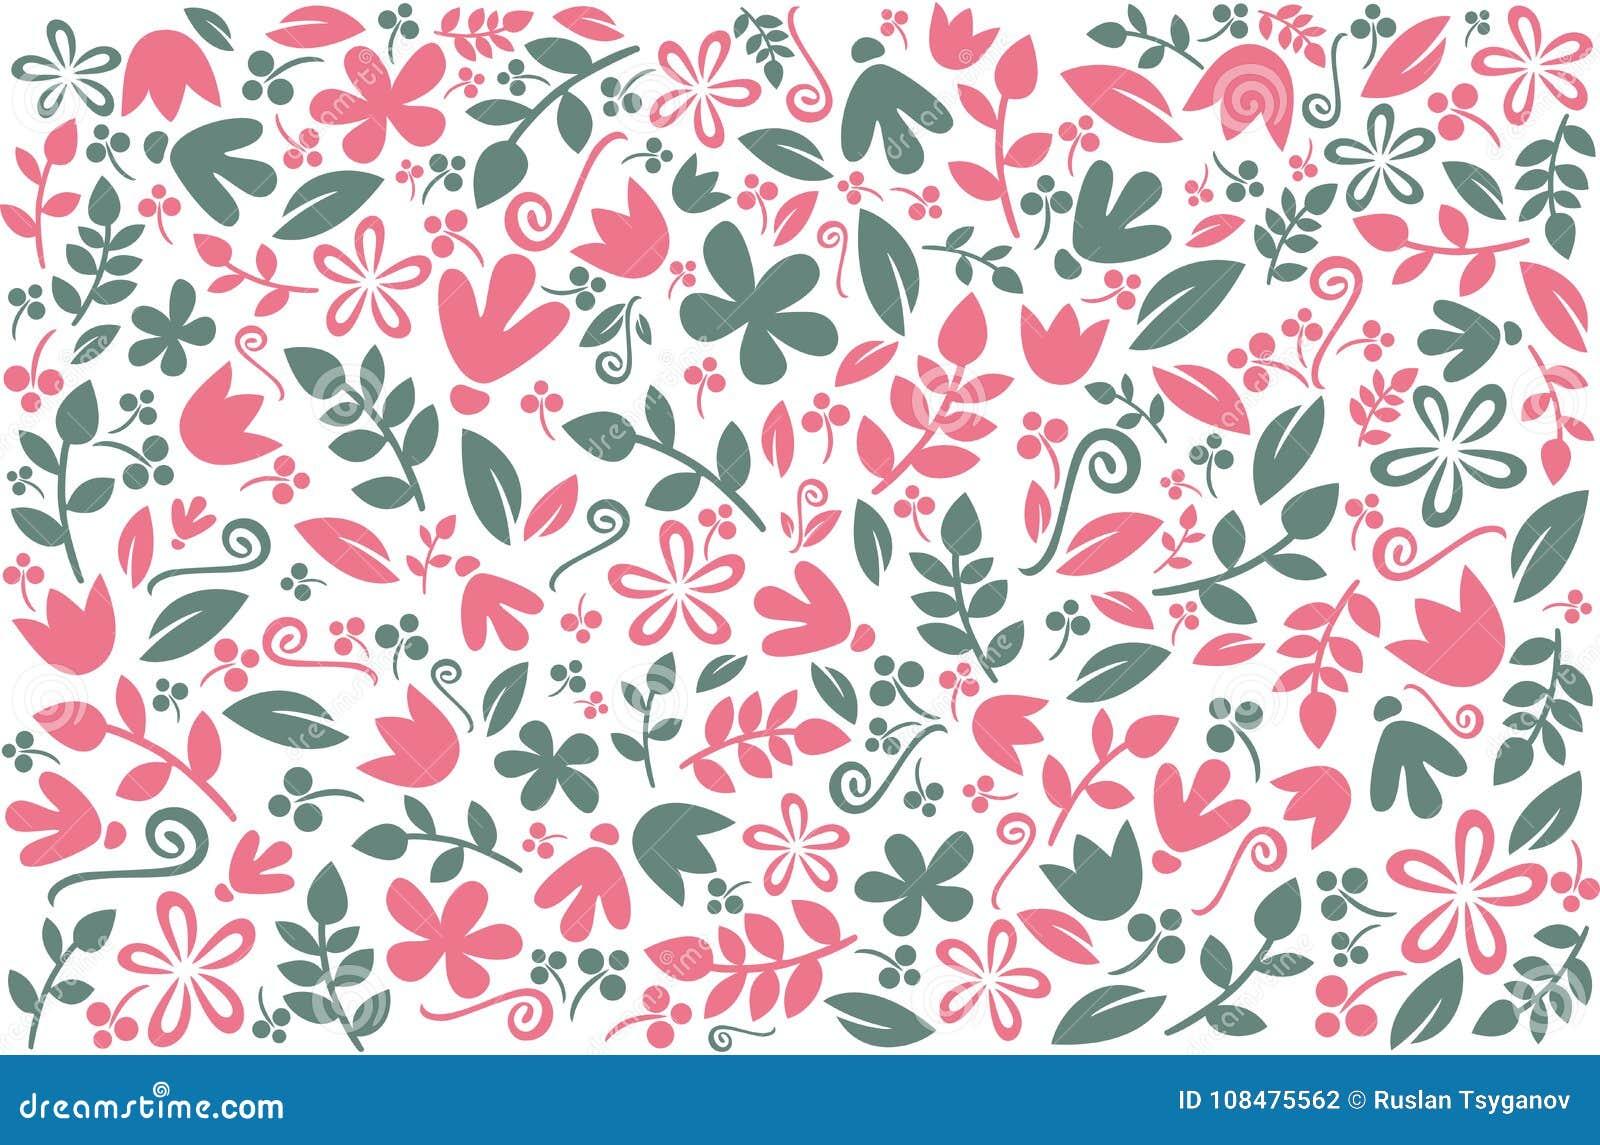 Bloemen kleurrijk ontwerp als achtergrond Vectorachtergrond met elegante bloemenelementen Patroon met bloemen voor behang, mede t